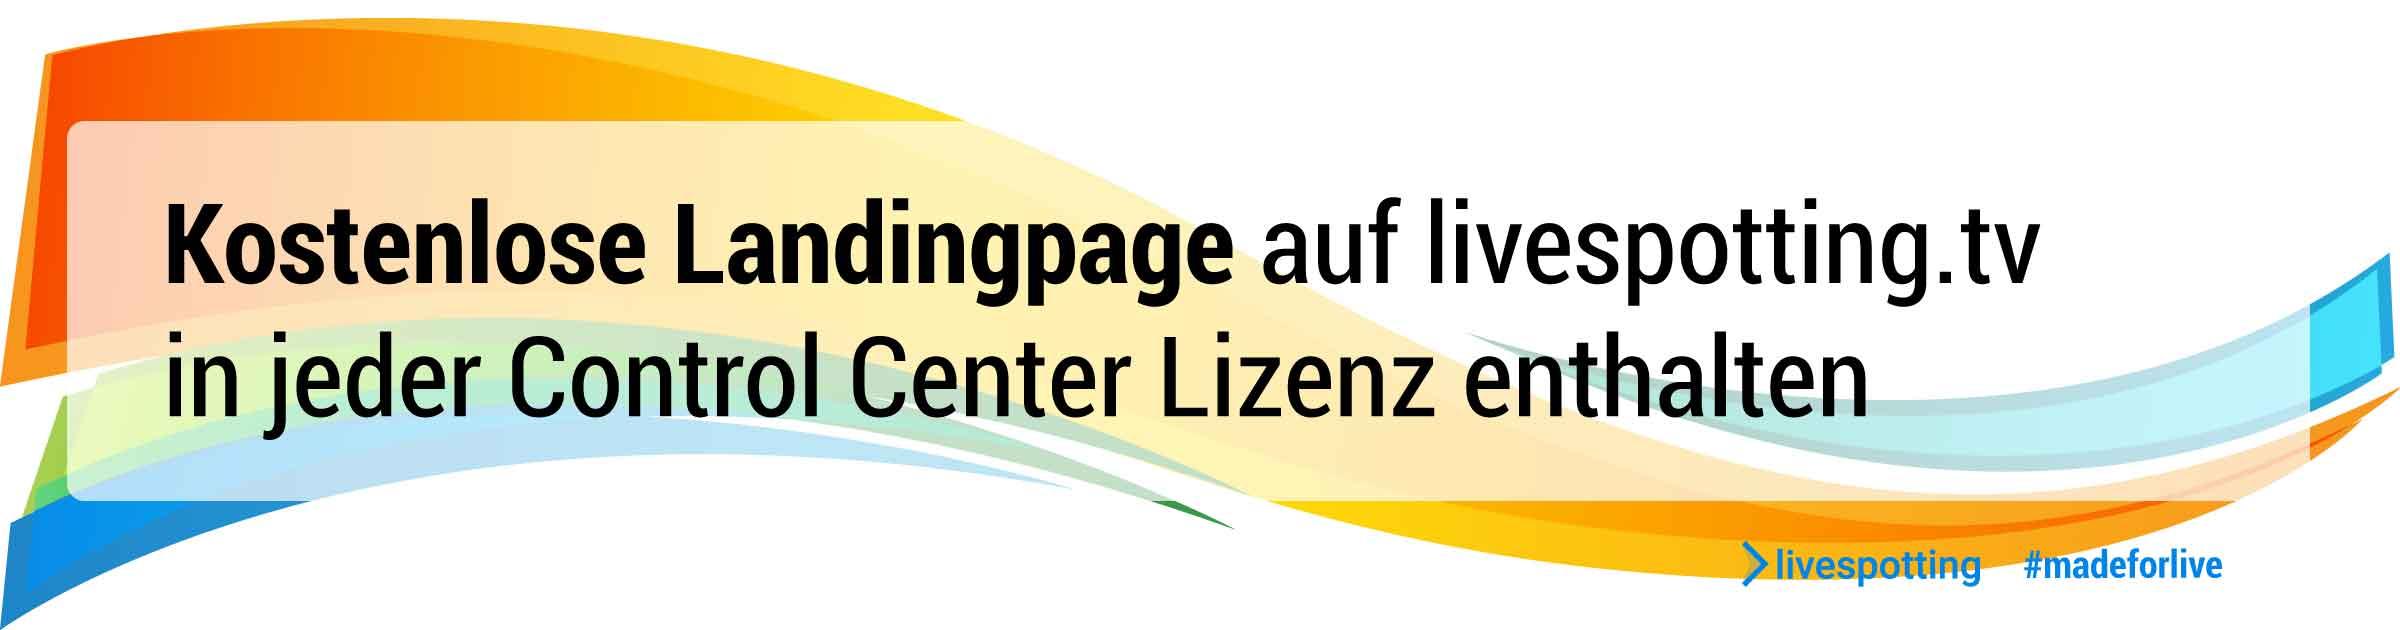 Ein Banner mit der Information, dass bei dem Webcam Provider mit Videohosting für Livestreaming eine eigene Webseite auf livespotting.tv freigeschaltet wird.